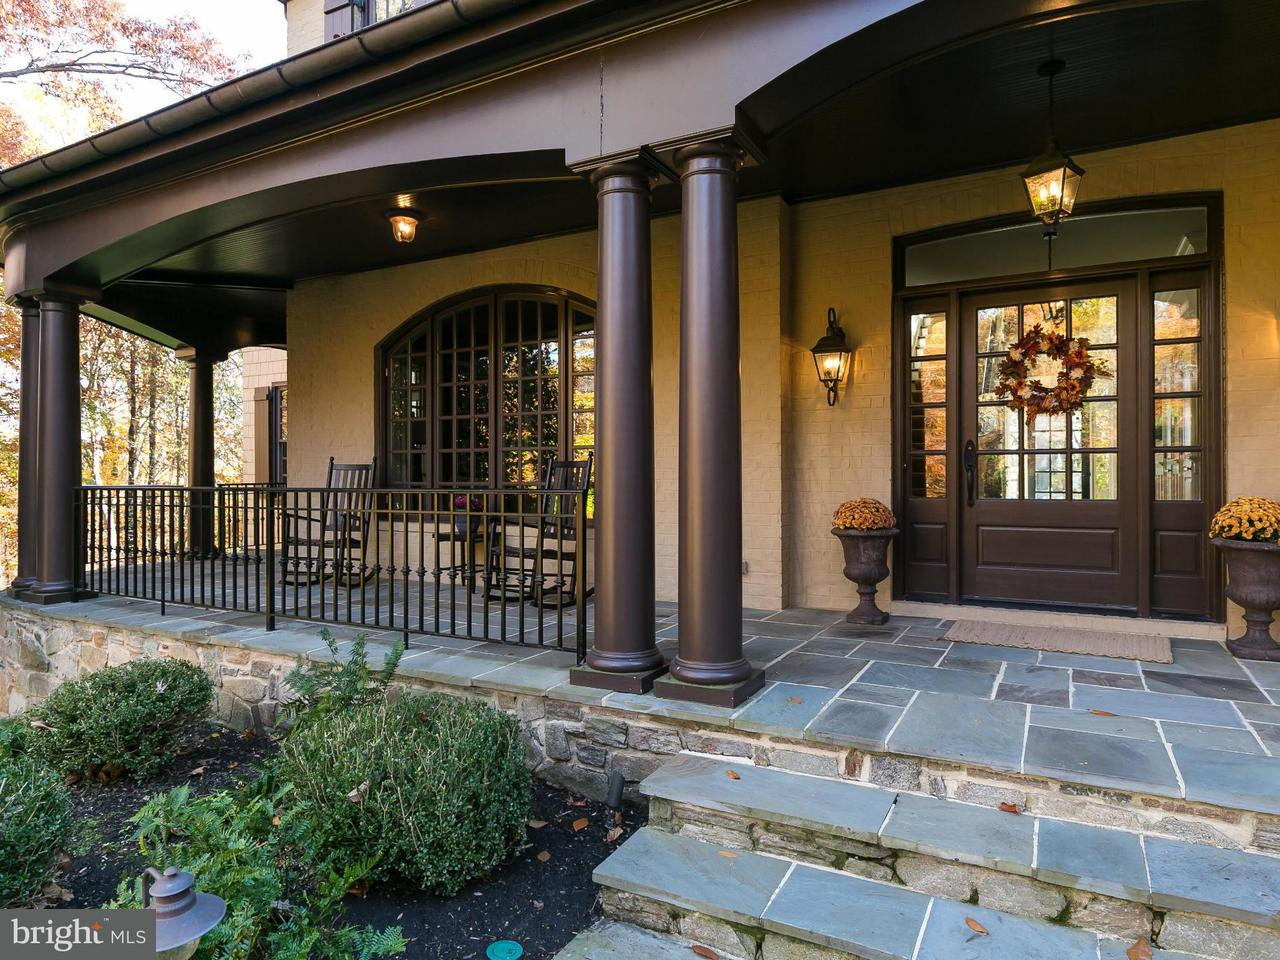 一戸建て のために 売買 アット 4005 Cloverland Drive 4005 Cloverland Drive Phoenix, メリーランド 21131 アメリカ合衆国